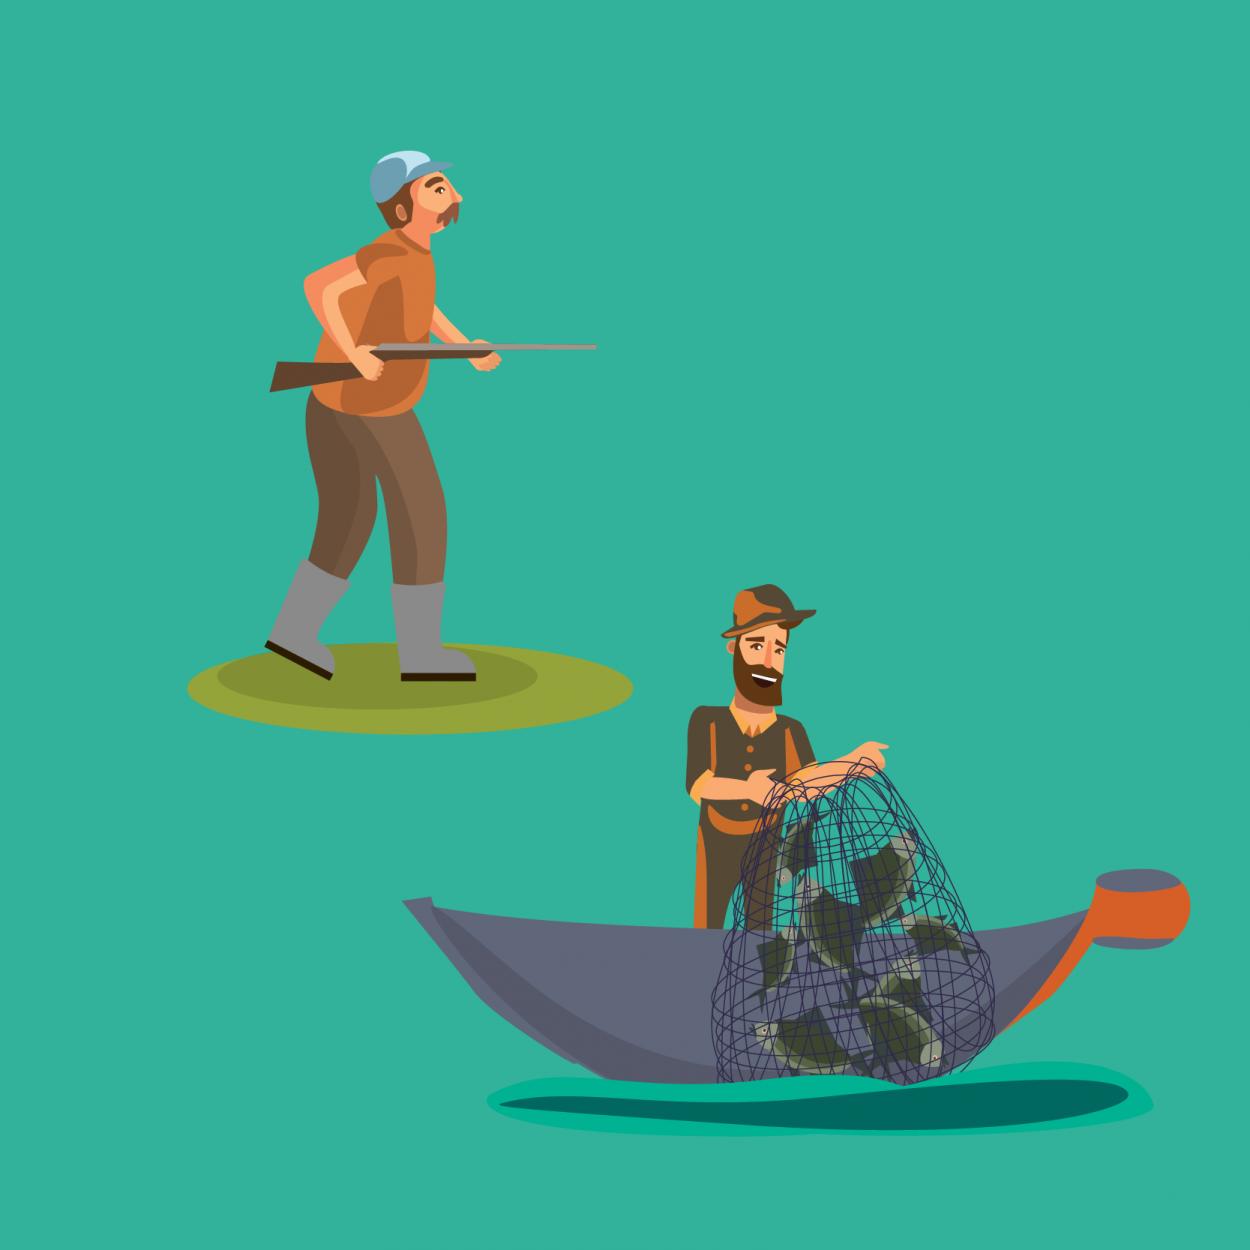 Анекдоты о рыбаках и охотниках